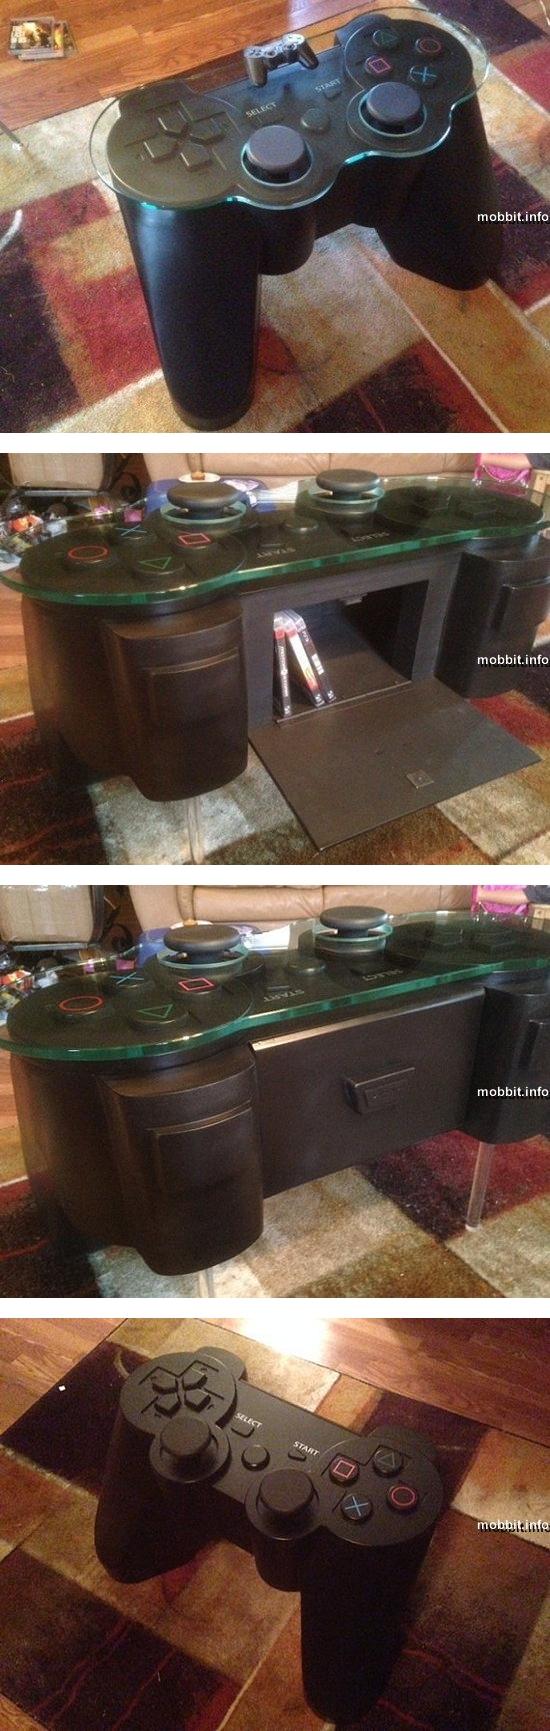 Журнальный столик в виде контроллера PlayStation